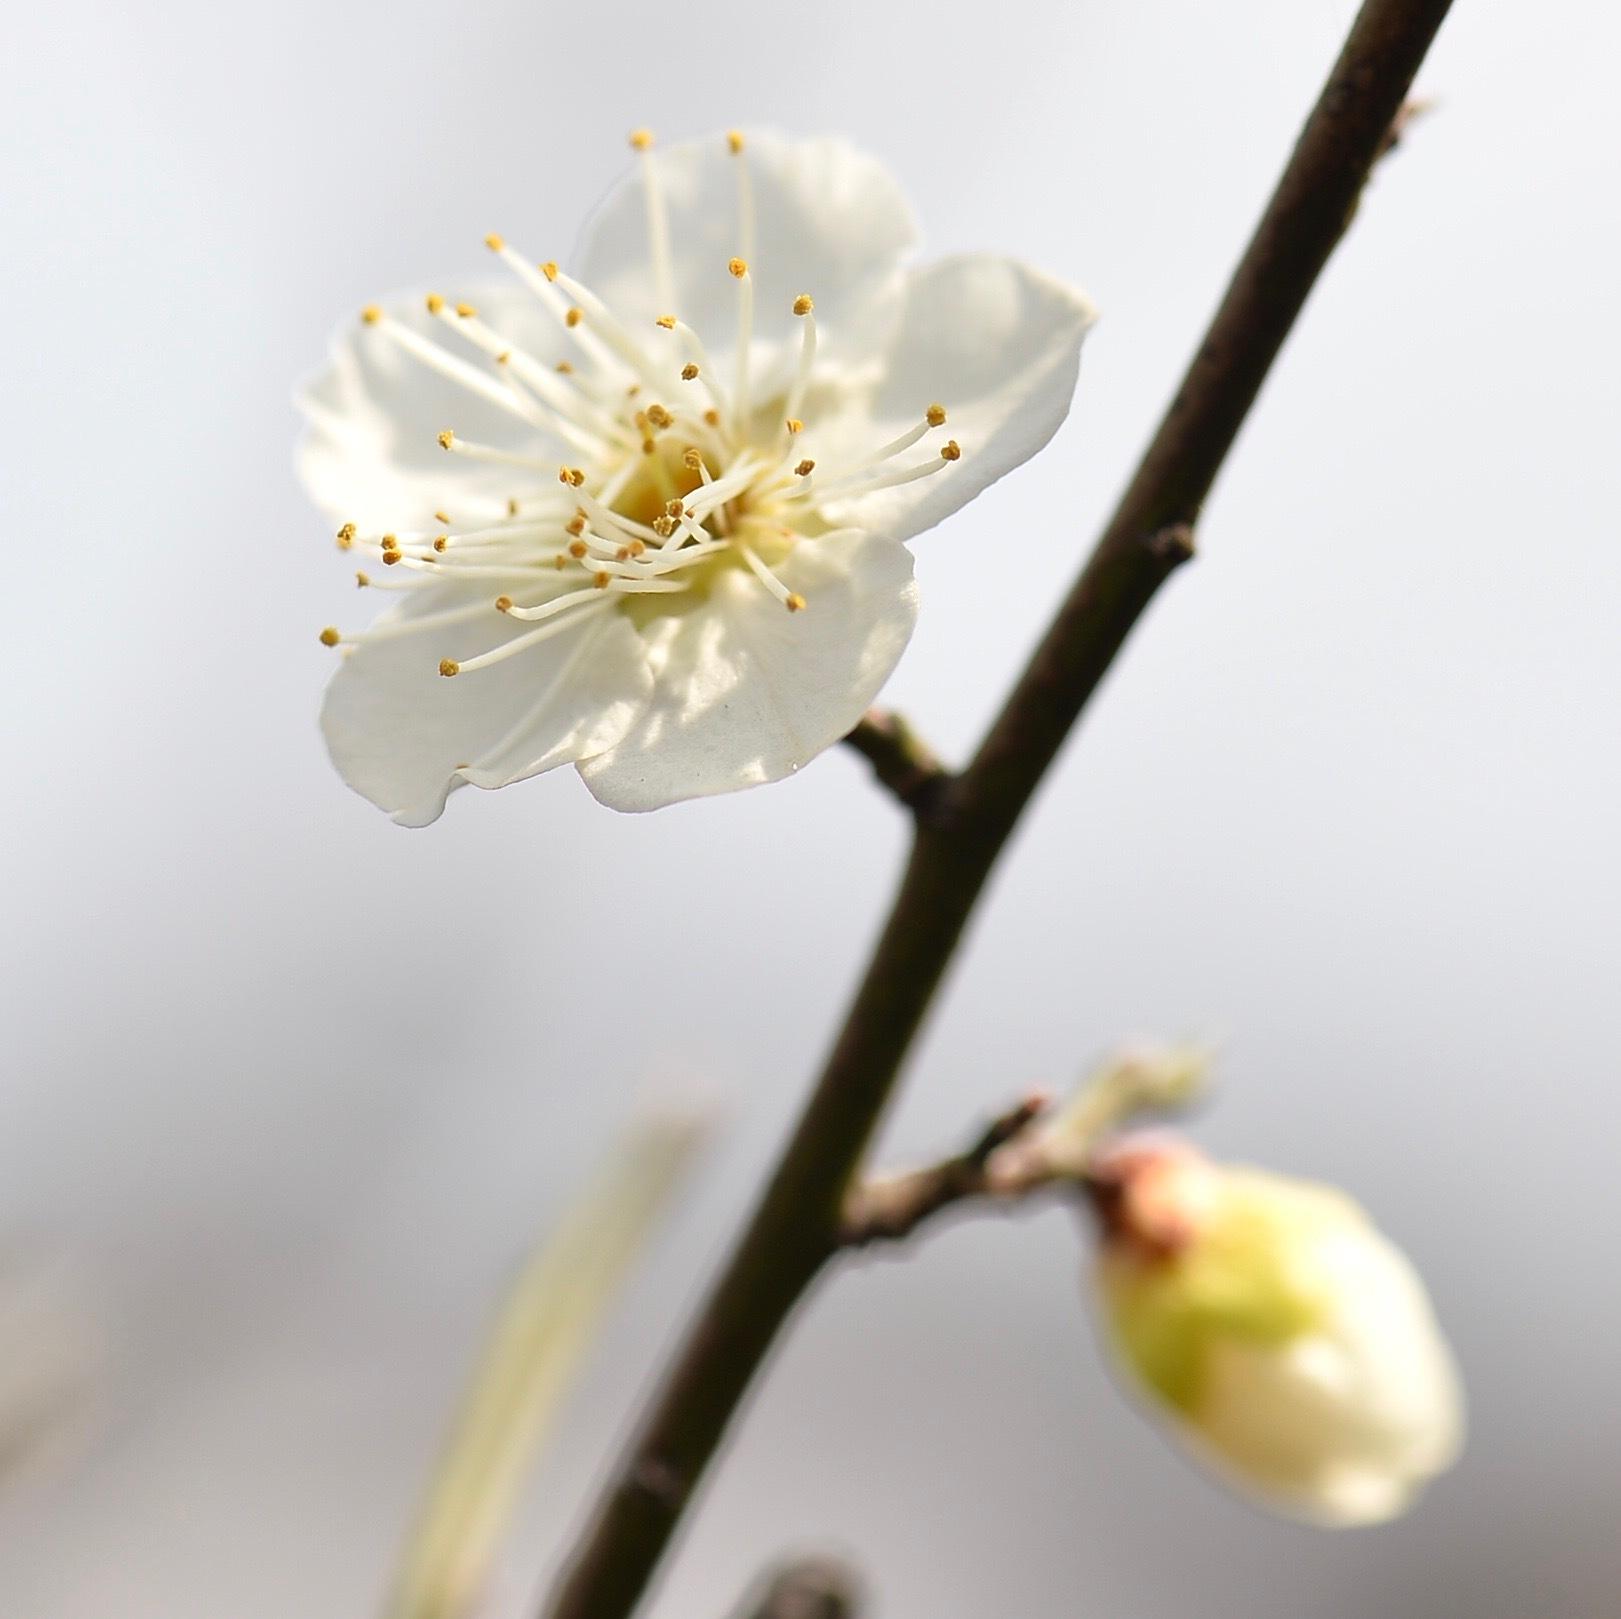 春一番も吹き荒れて..._f0099102_16220688.jpg